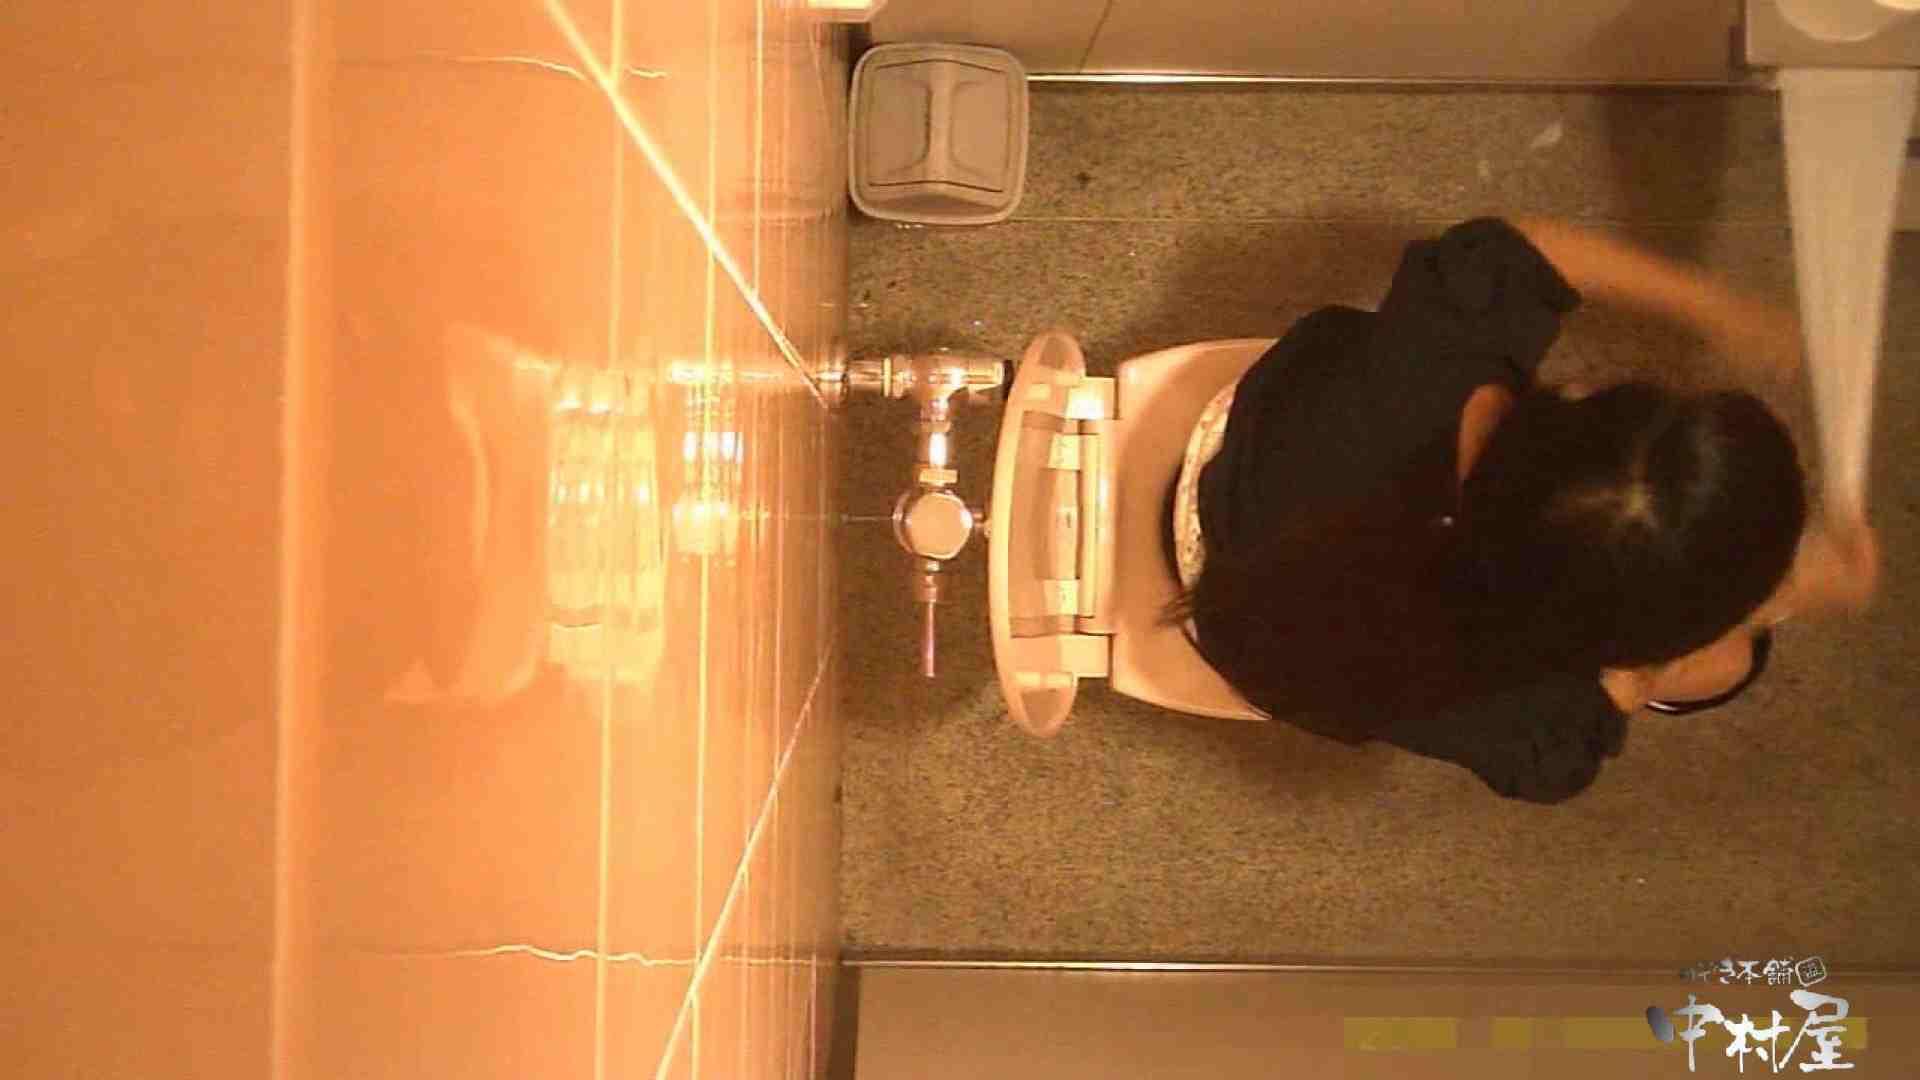 初盗撮!女盗撮師カレンさんの 潜入!女子トイレ盗撮!Vol.4 0  67pic 40